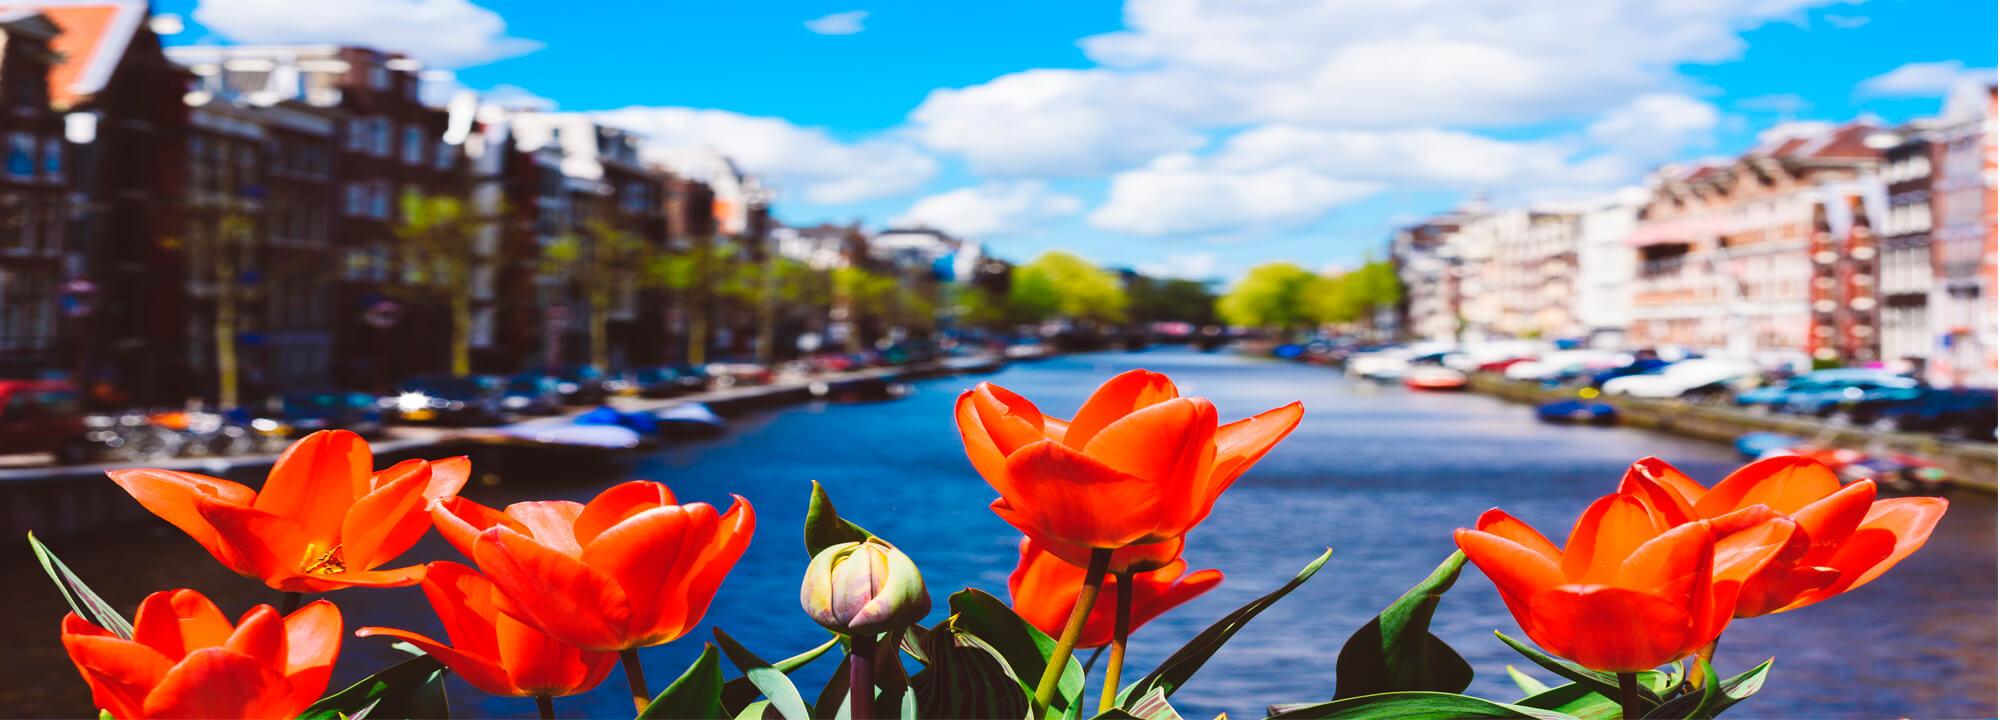 Tulipány na mostě v Amsterdamu.